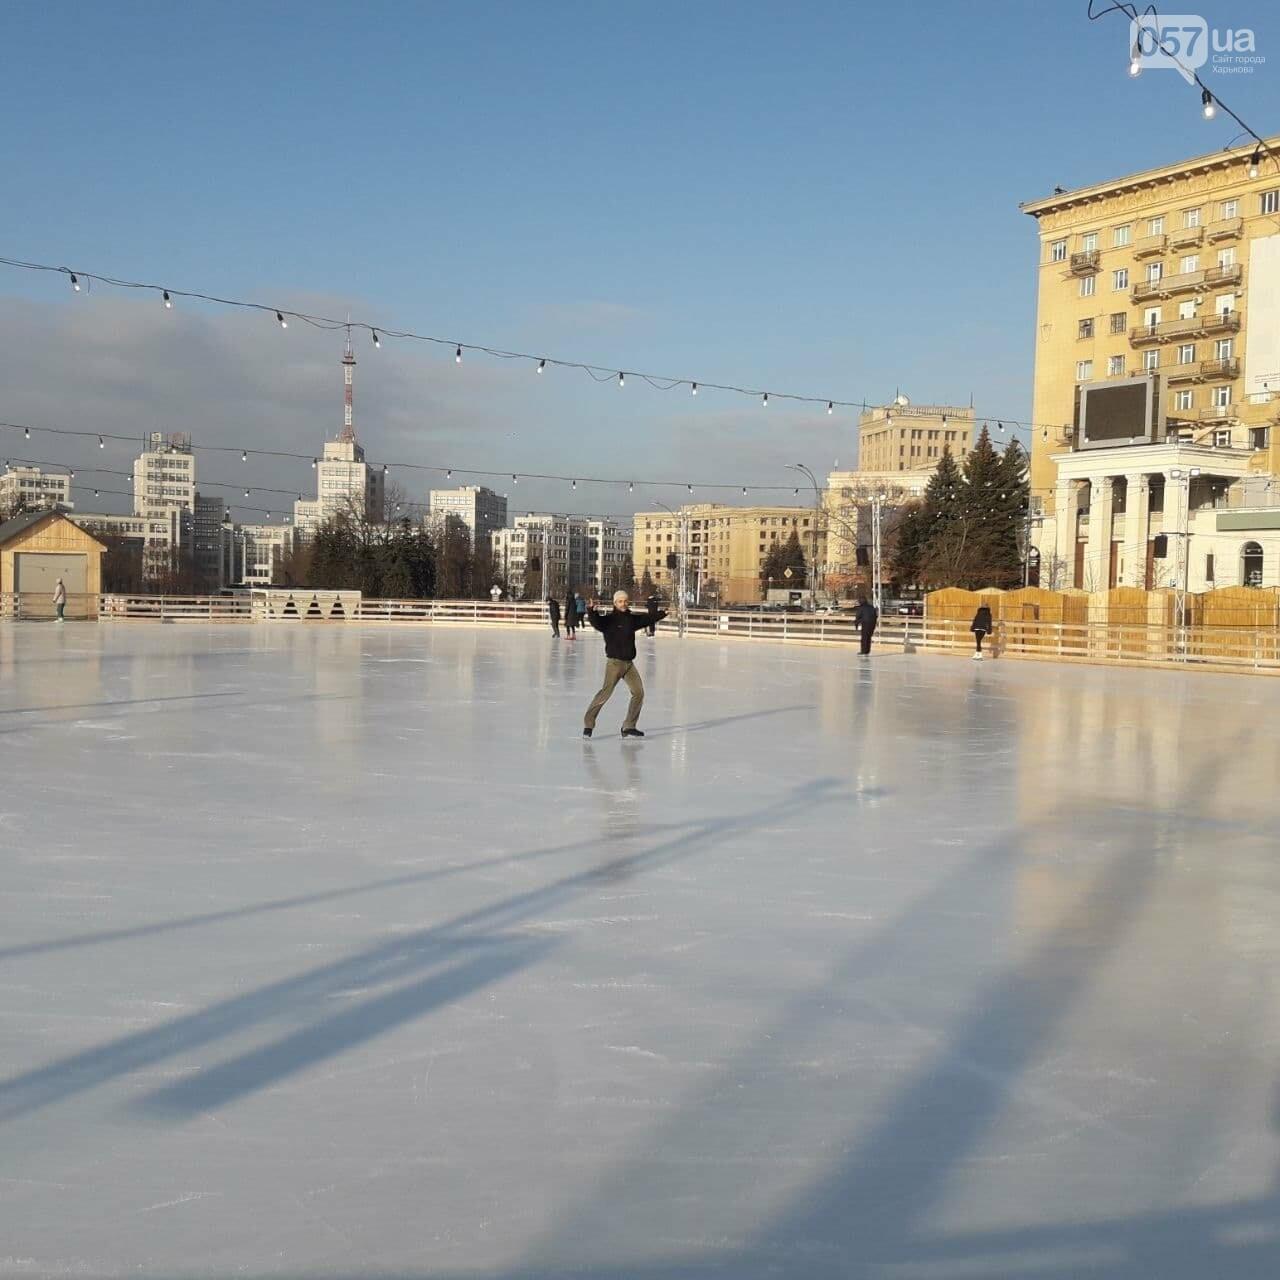 В Харькове на центральной площади открылся каток: цены, услуги и время работы, - ФОТО, фото-3